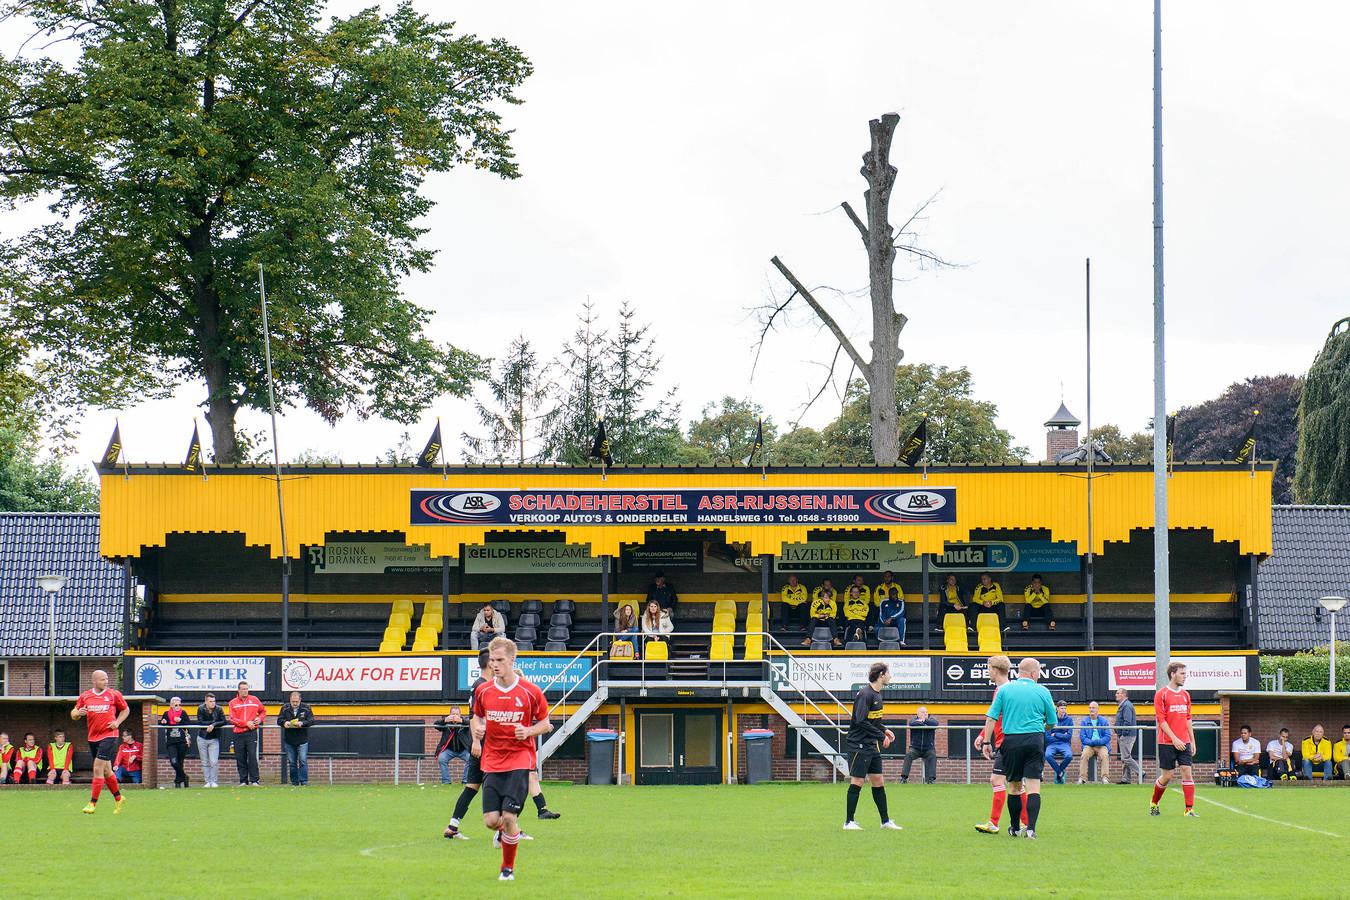 De tribune wordt bij herplaatsing op Het Opbroek geschilderd in de orginele kleuren groen-grijs. Het geel-zwart van Rijssen Vooruit verdwijnt.